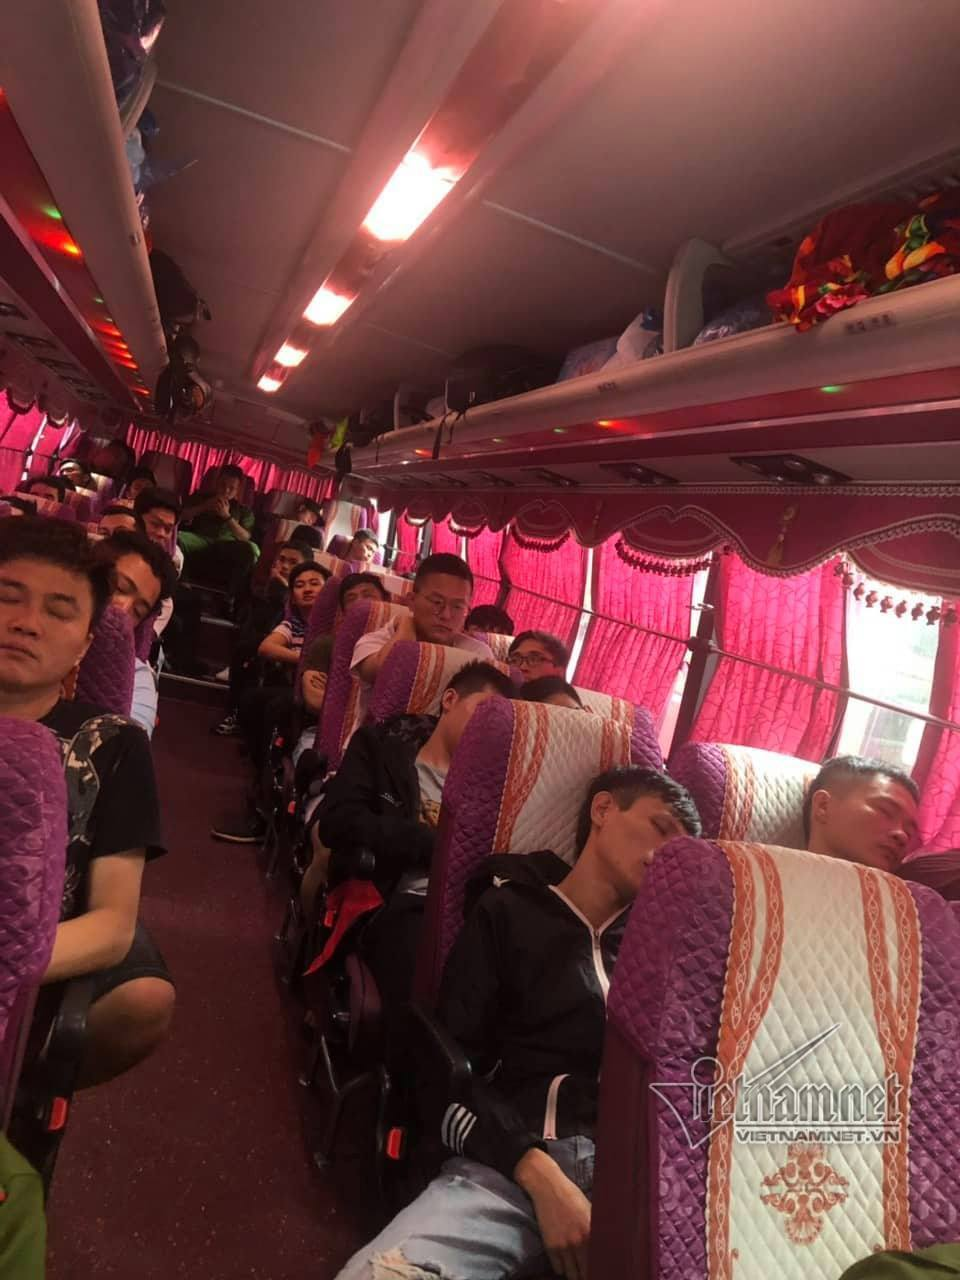 Cuộc dẫn độ lúc mờ sáng, đưa 395 người Trung Quốc về bên kia biên giới